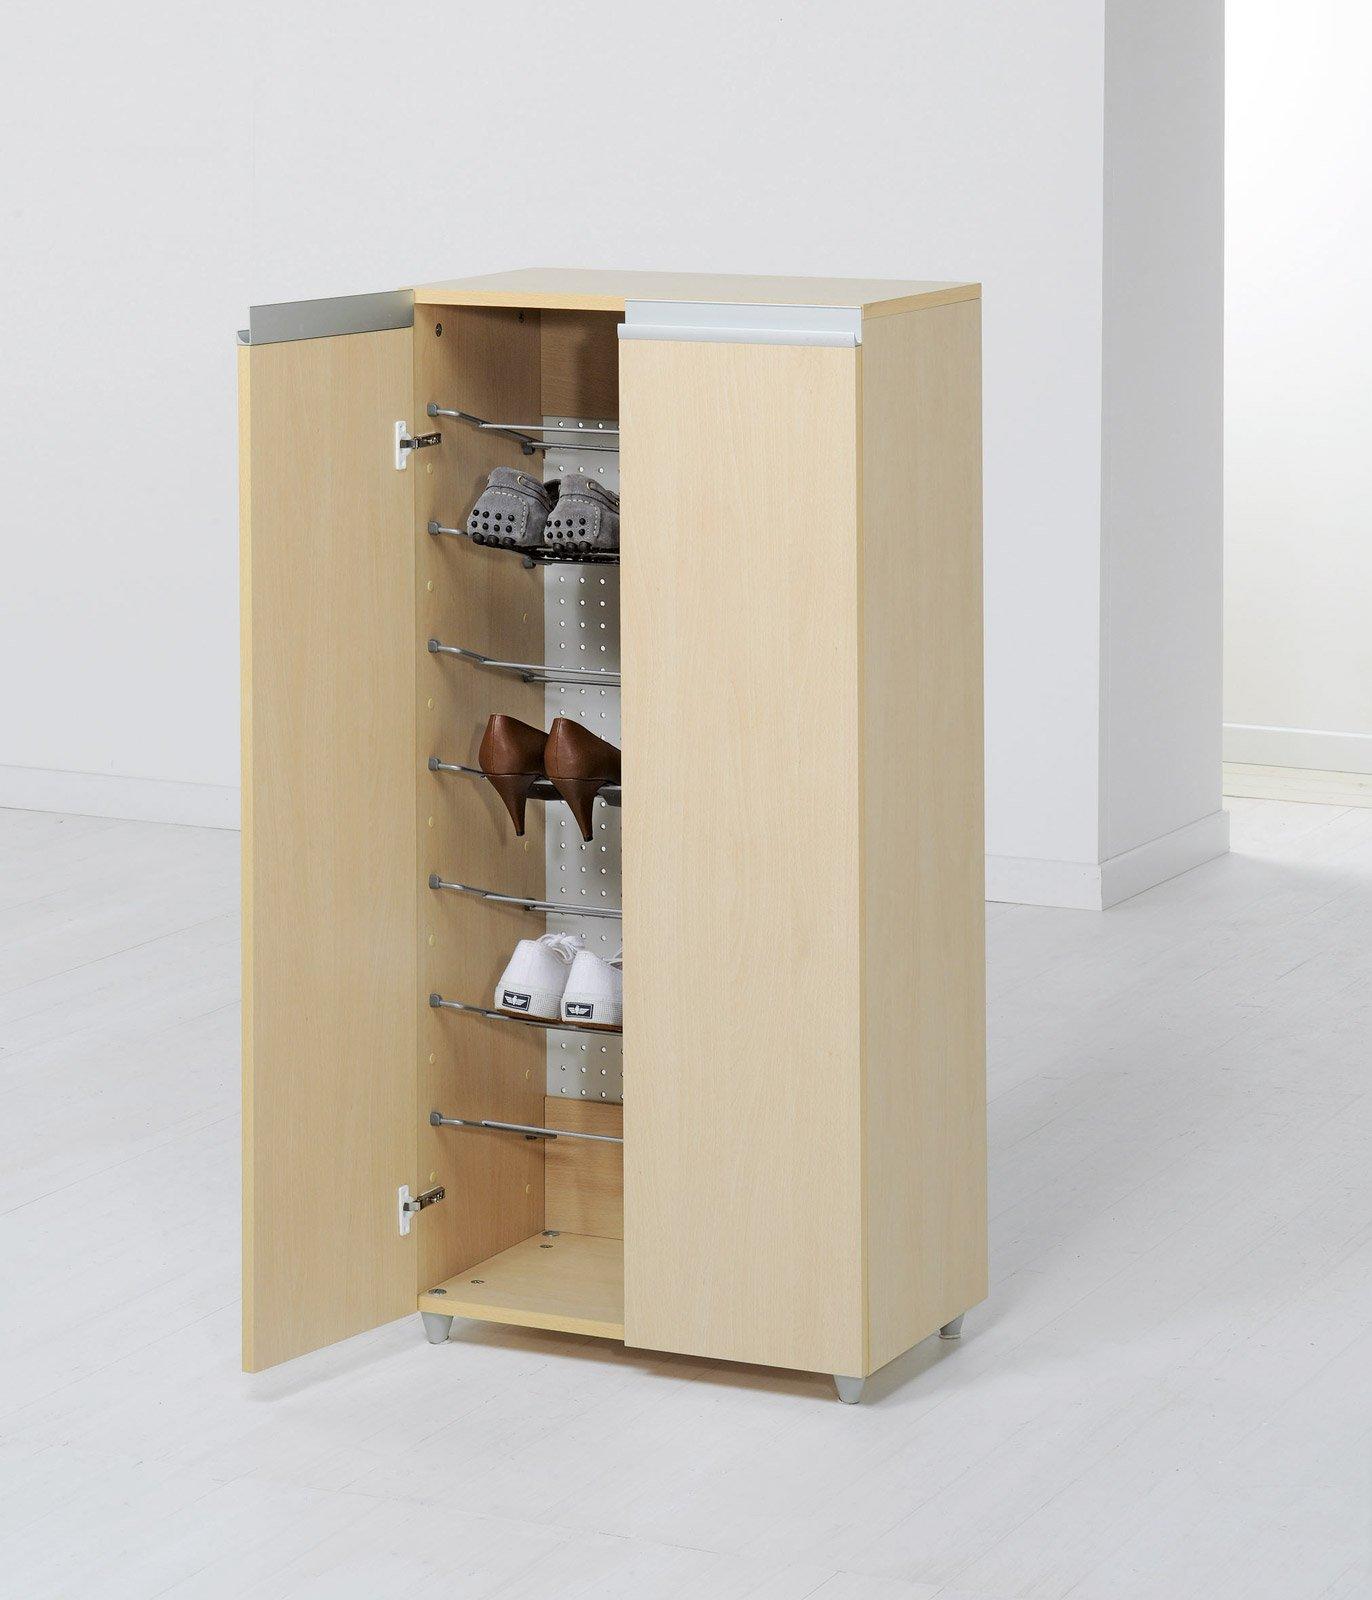 Scarpiere slim modulari e salvaspazio cose di casa - Mobile scarpiera ikea ...